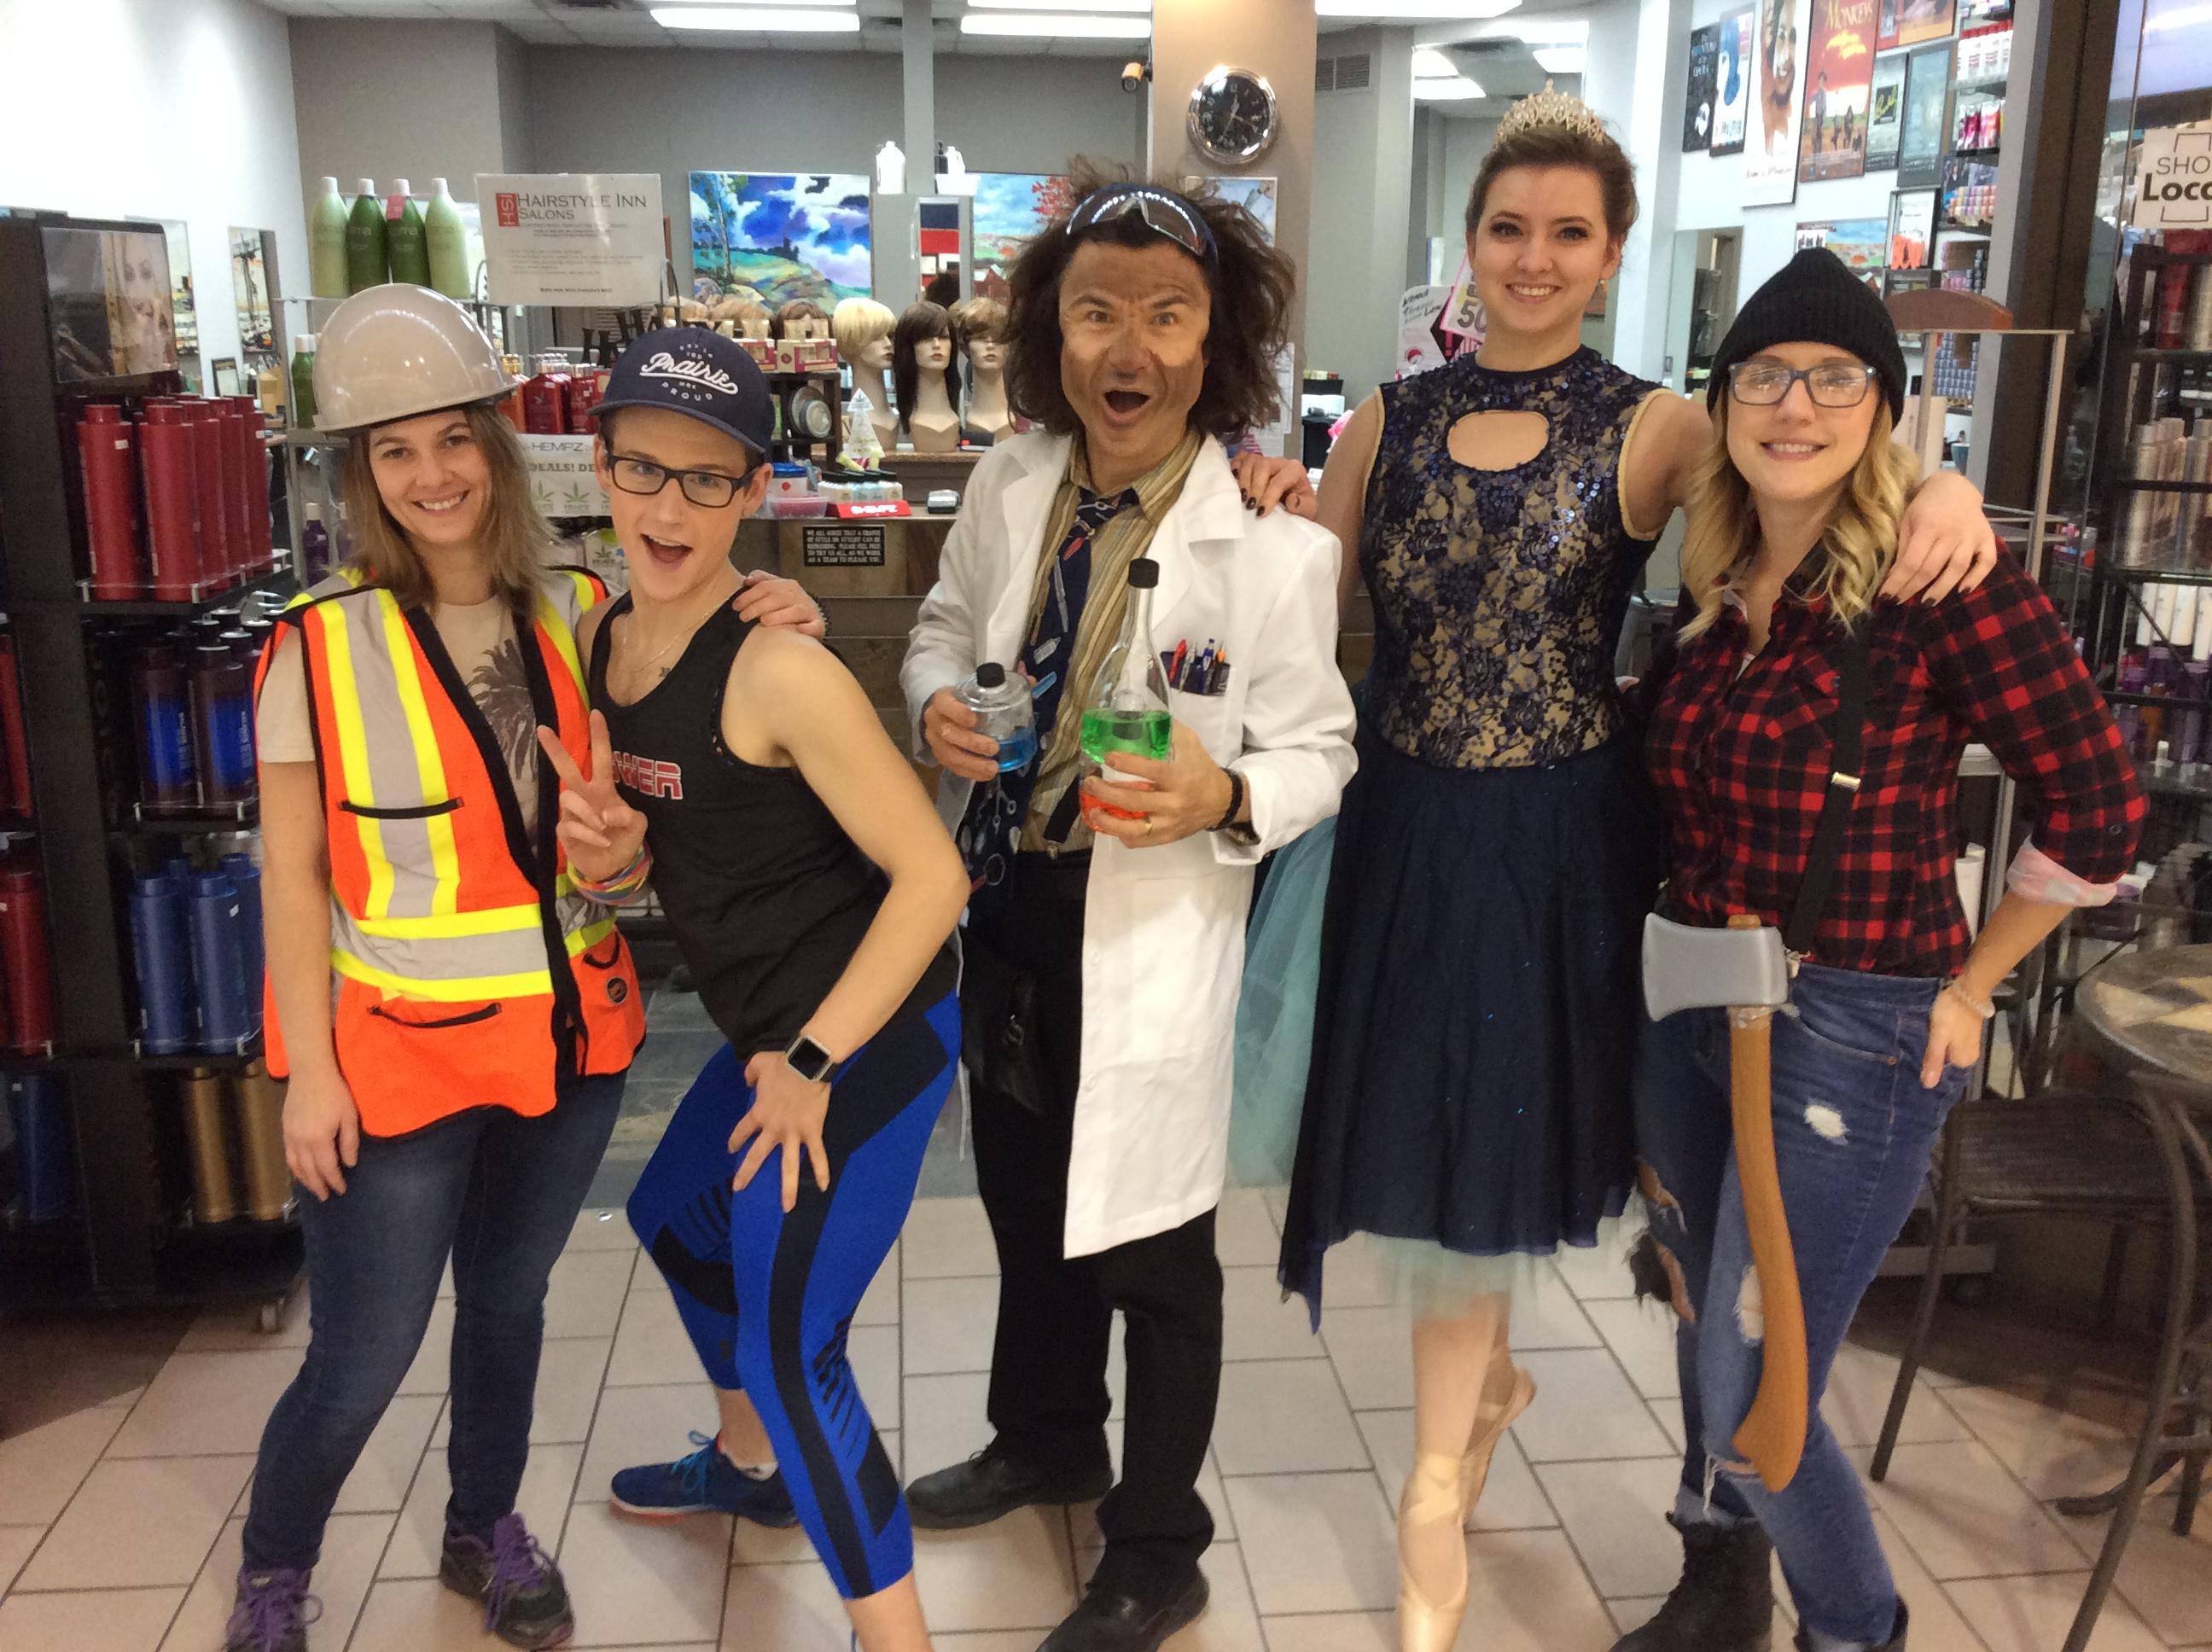 Team Halloween at hairstyle inn Saskatoon